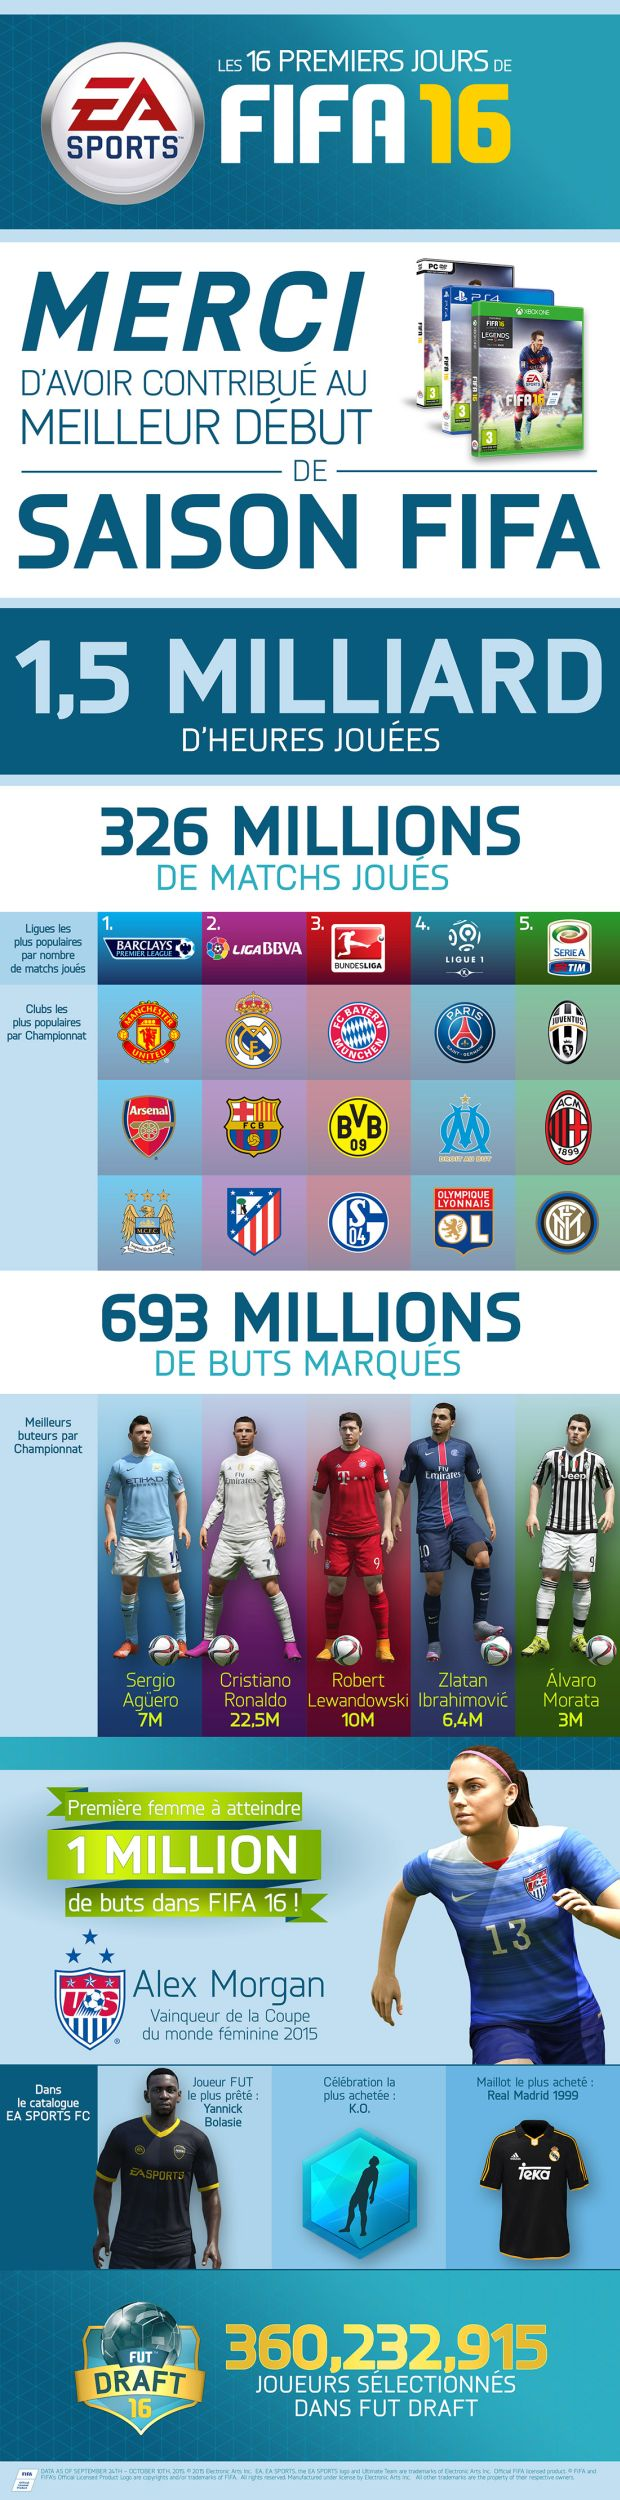 fifa 16 infographie premier mois